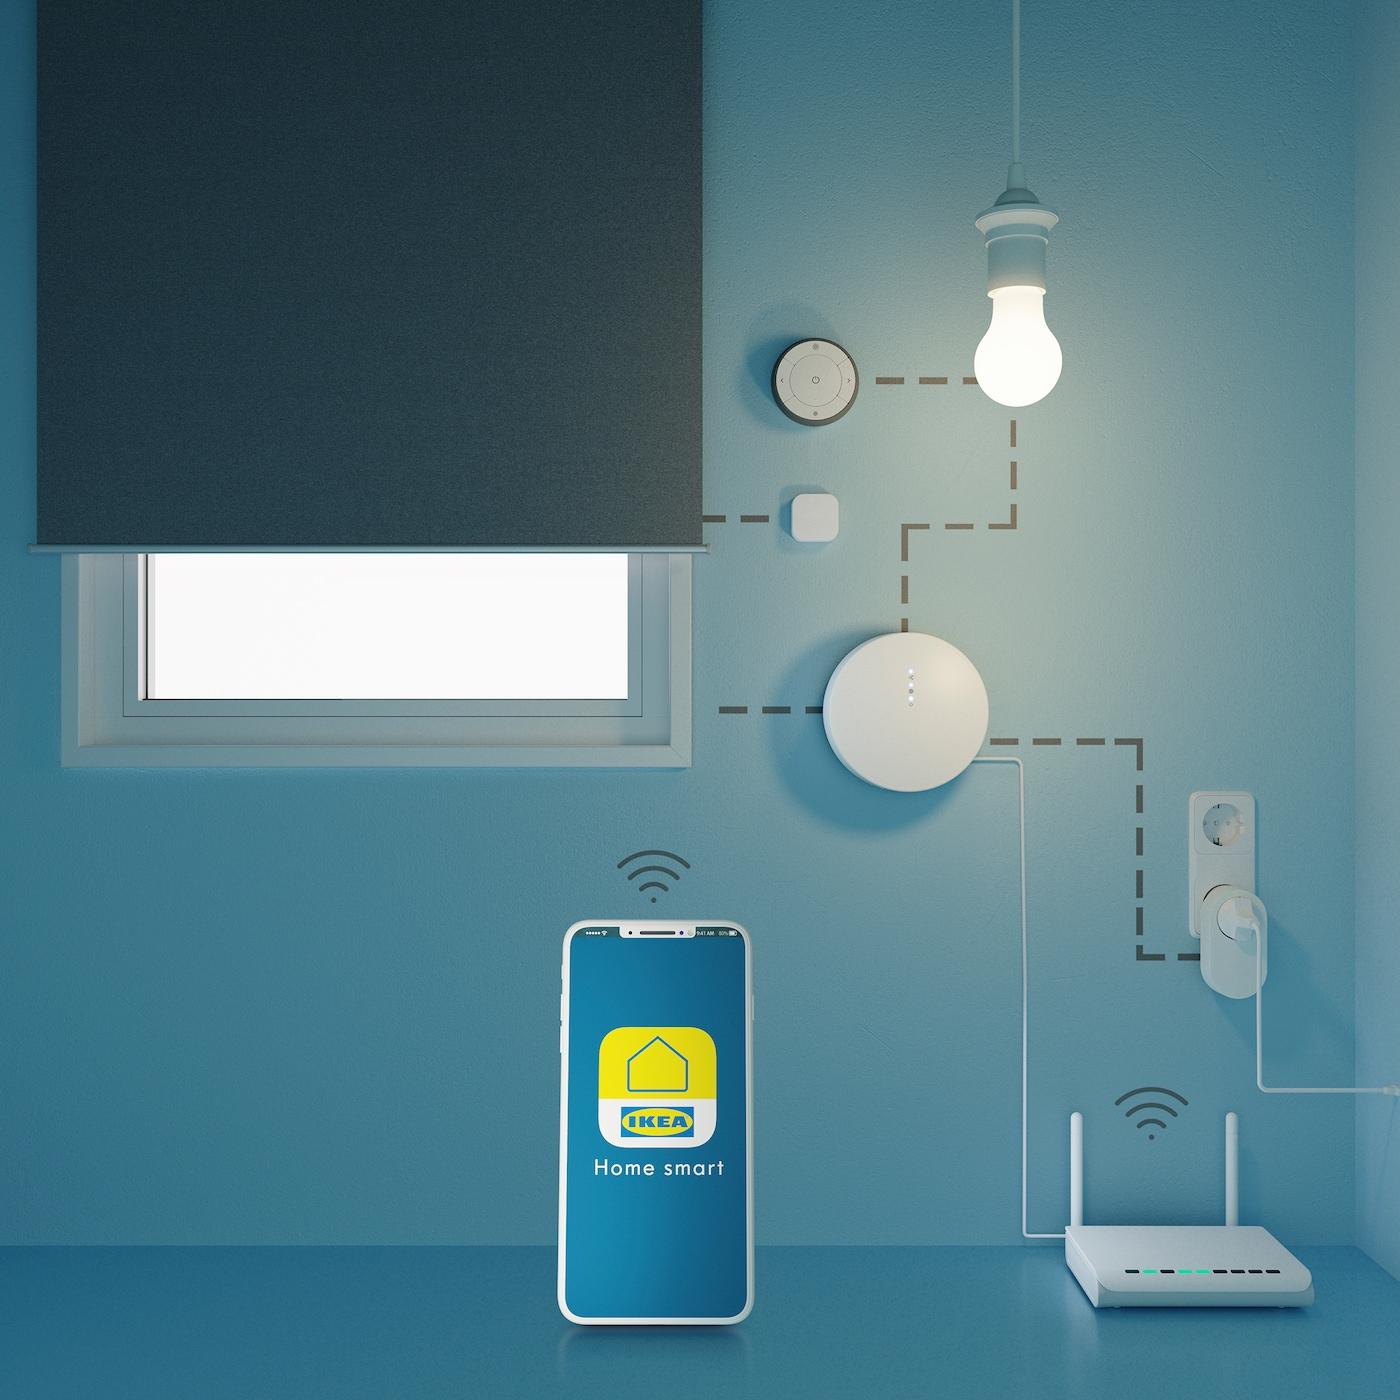 Lien vers la page 'Soutien articles intelligents' - illustration d'un diagramme de connexion d'une installation intelligente IKEA